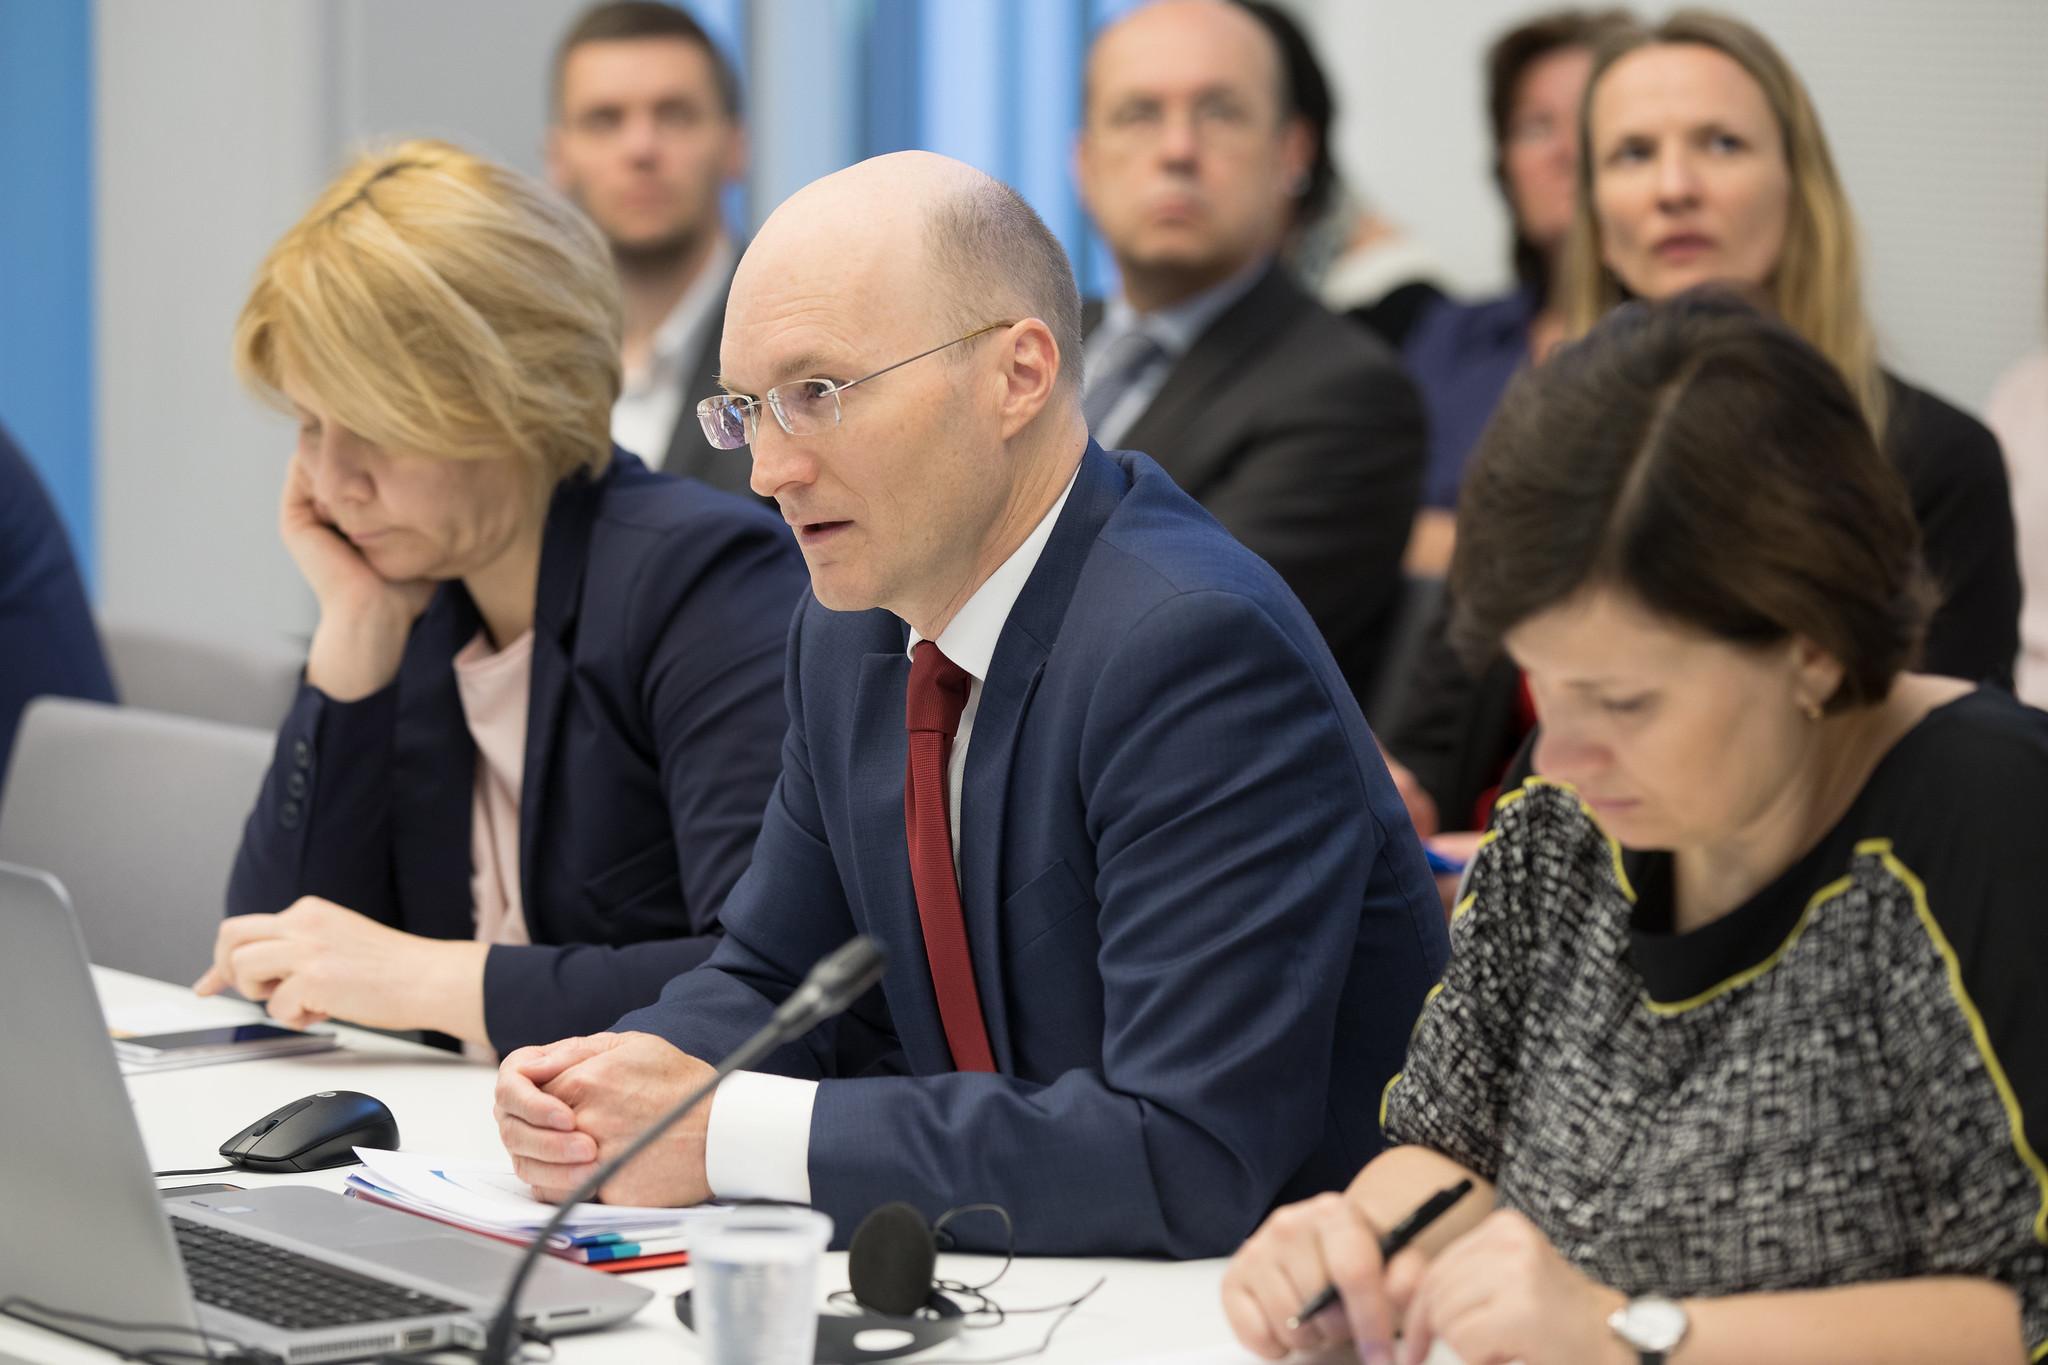 PVO eksperts atbalsta veselības ministres aicinājumu palielināt finansējumu veselības aprūpei